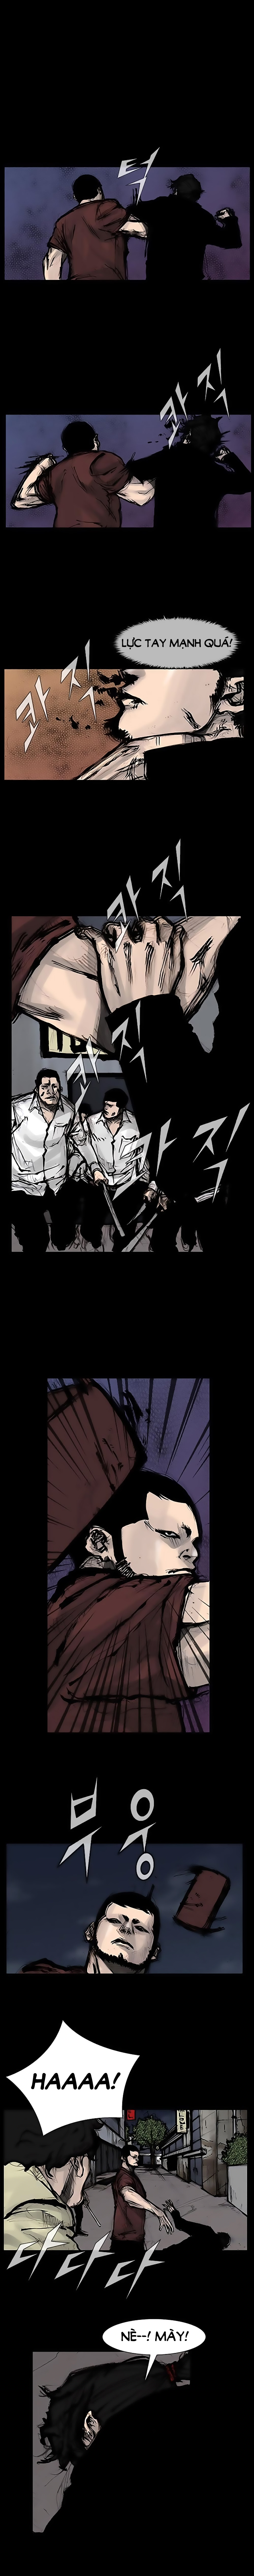 Máu Nhuốm Giang Hồ | Blood Rain chap 40 - Trang 5